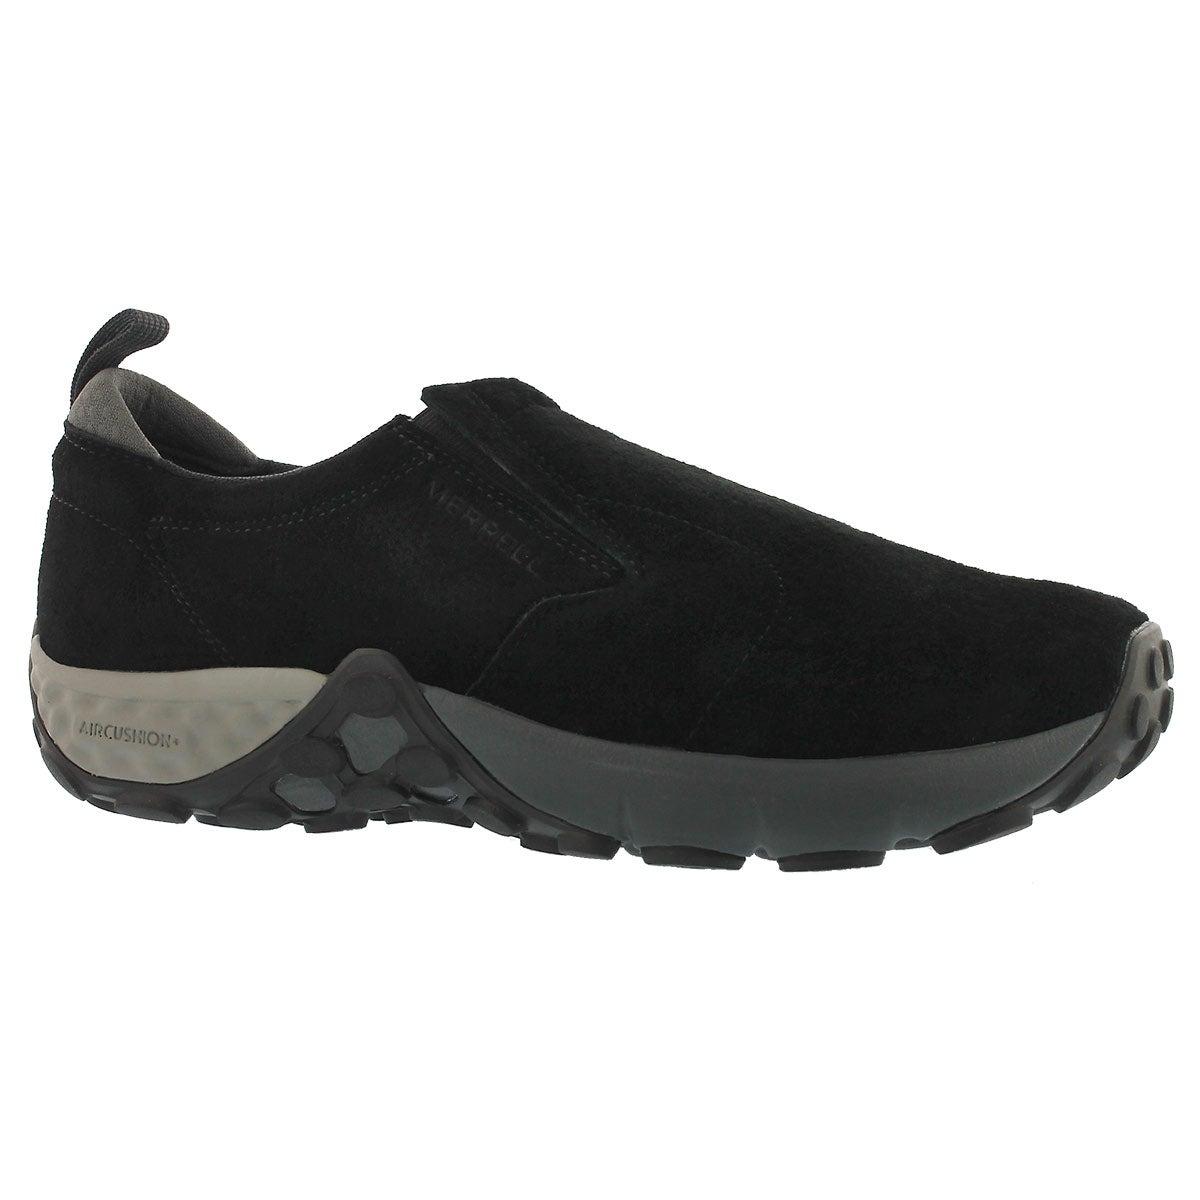 Men's JUNGLE MOC AC+ black slip on shoes